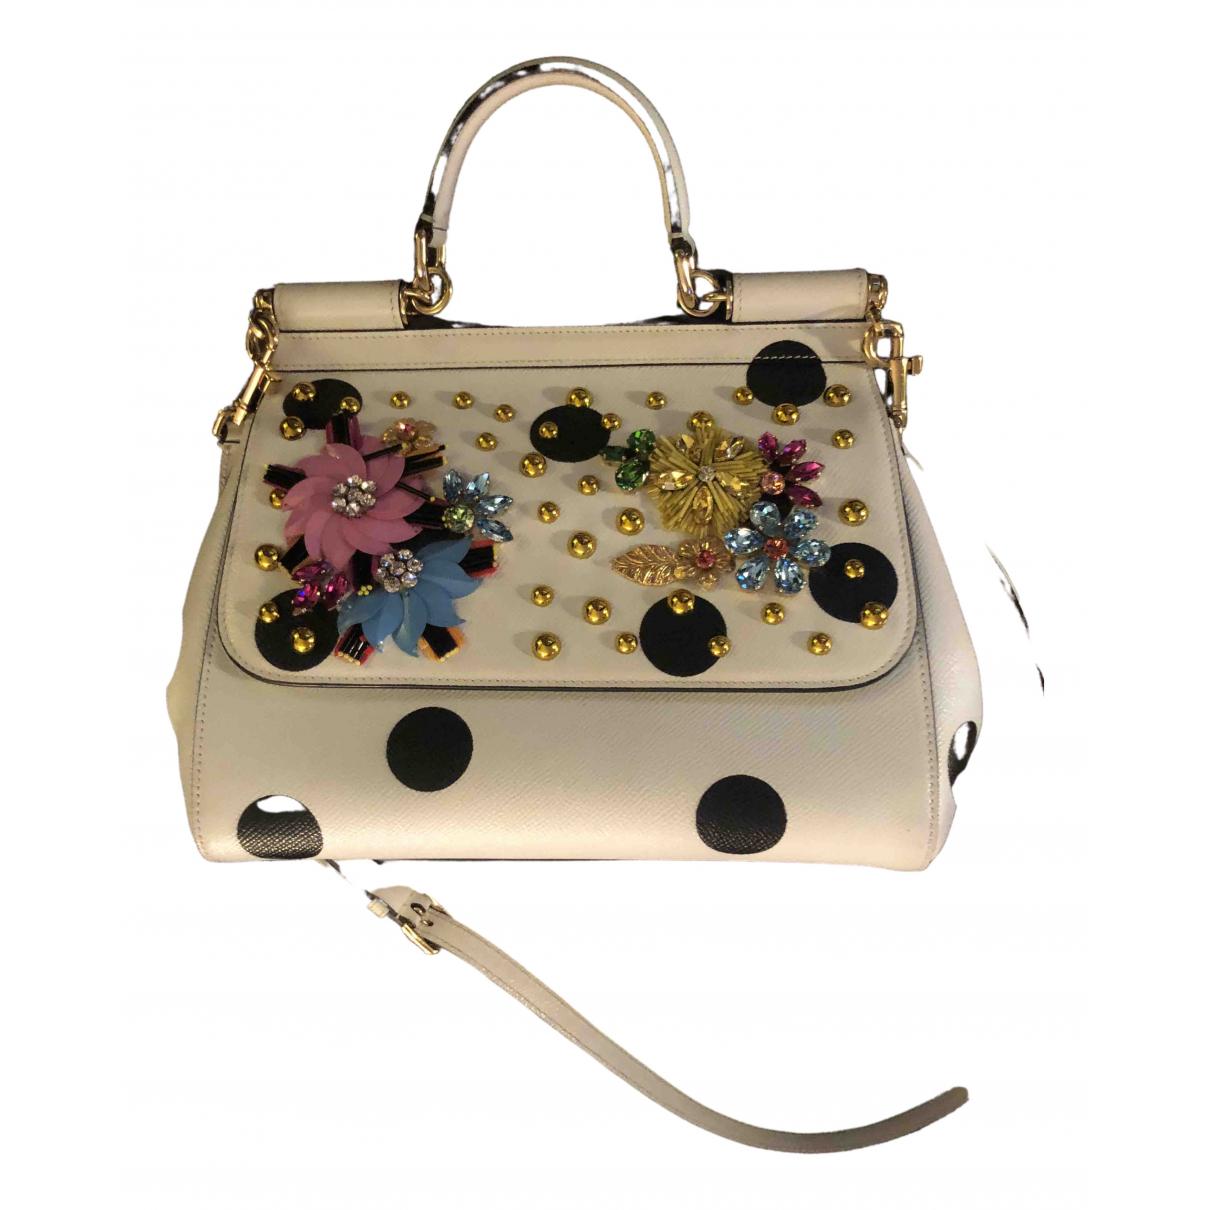 Dolce & Gabbana Sicily White Leather handbag for Women \N